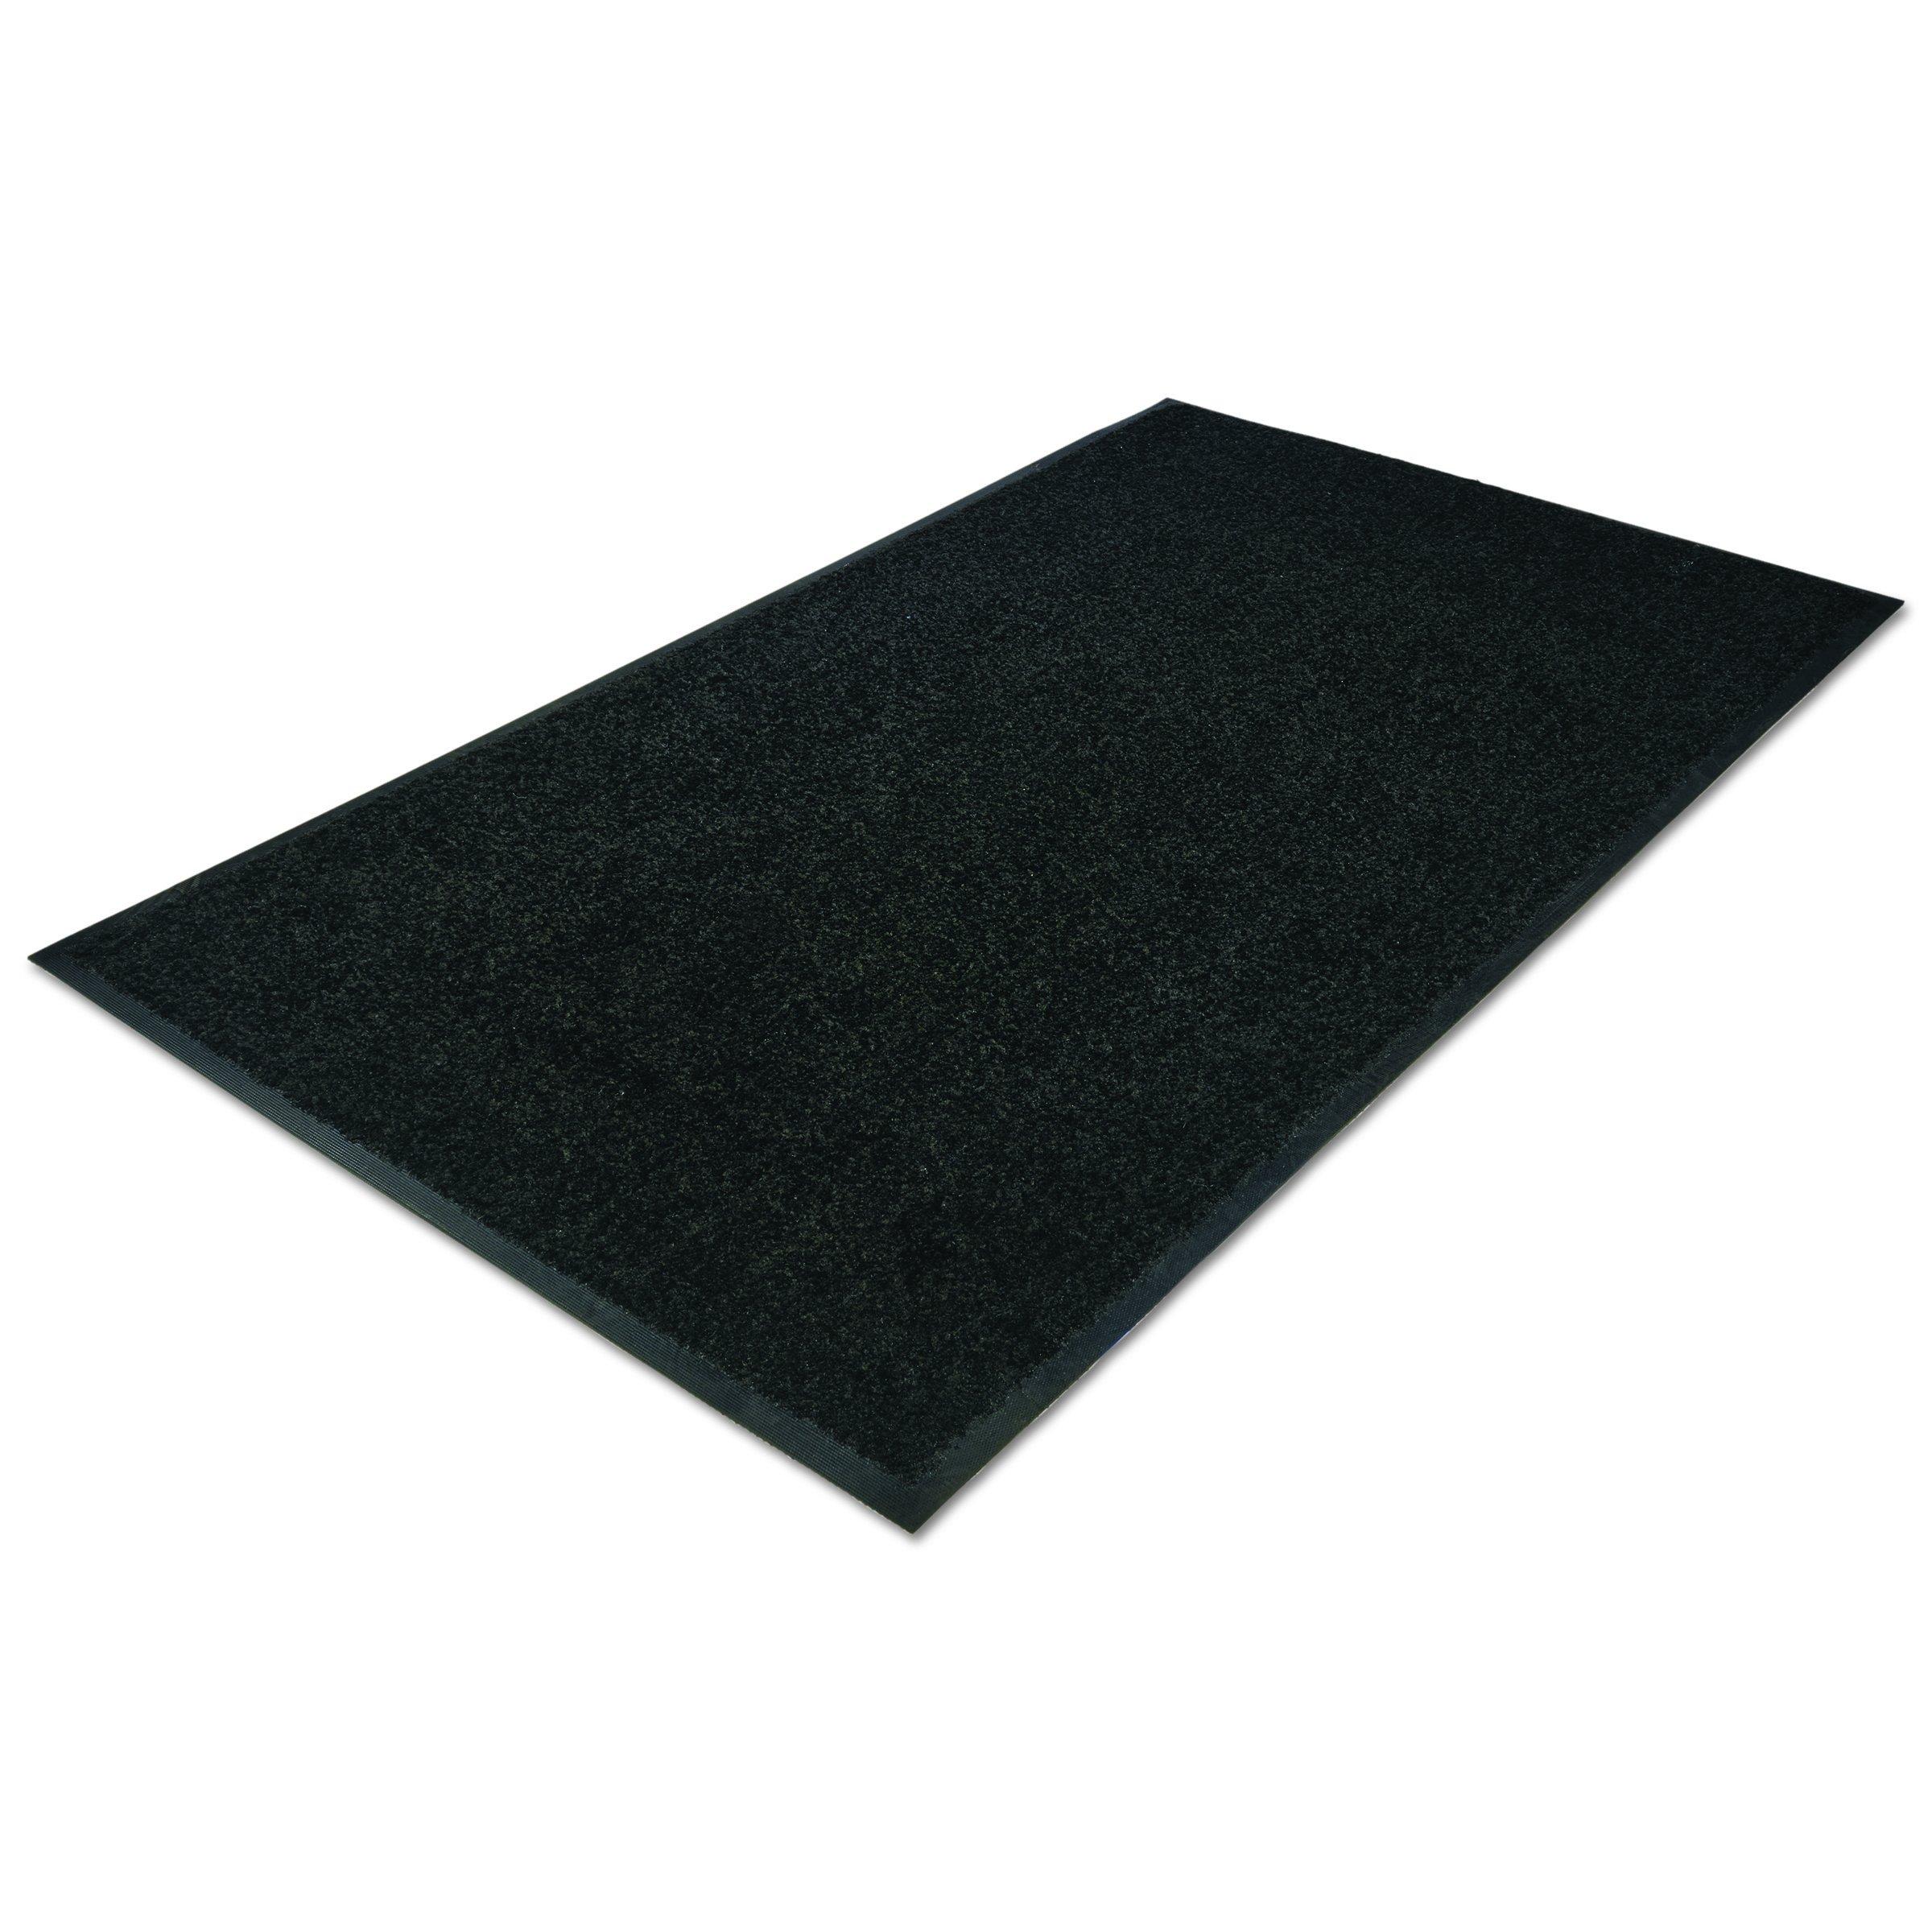 Guardian Platinum Series Indoor Wiper Floor Mat, Rubber with Nylon Carpet, 4'x6', Black